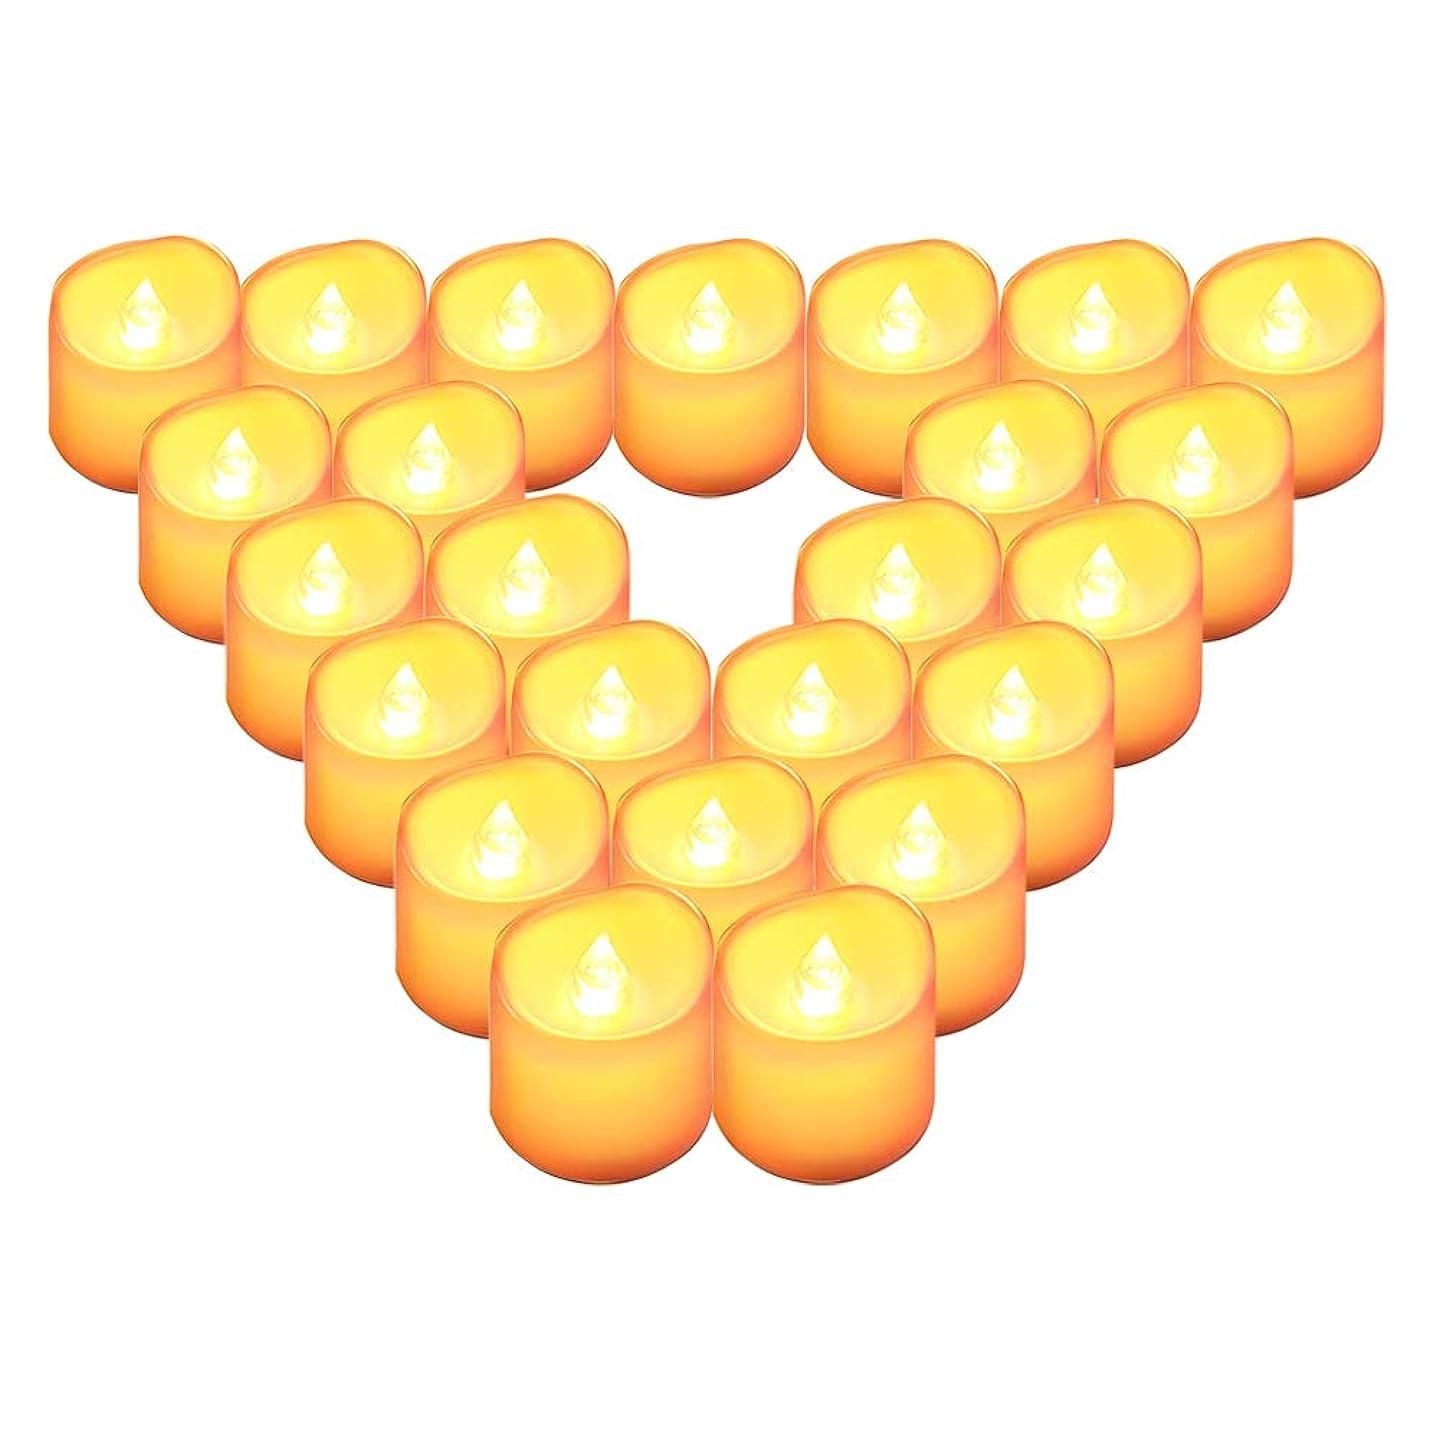 ジャンルパイロット明らかにするQBeau キャンドルライト LEDライト 蝋燭 暖色光 揺らぐ炎 ティーライトゆらゆら揺れる 火を使わない 安全 省エネ 長持ち 便利 おしゃれ クリスマス 結婚式 誕生日 室内 室外飾り インテリアライト 連続最大点灯時間約100時間 (24個セット)